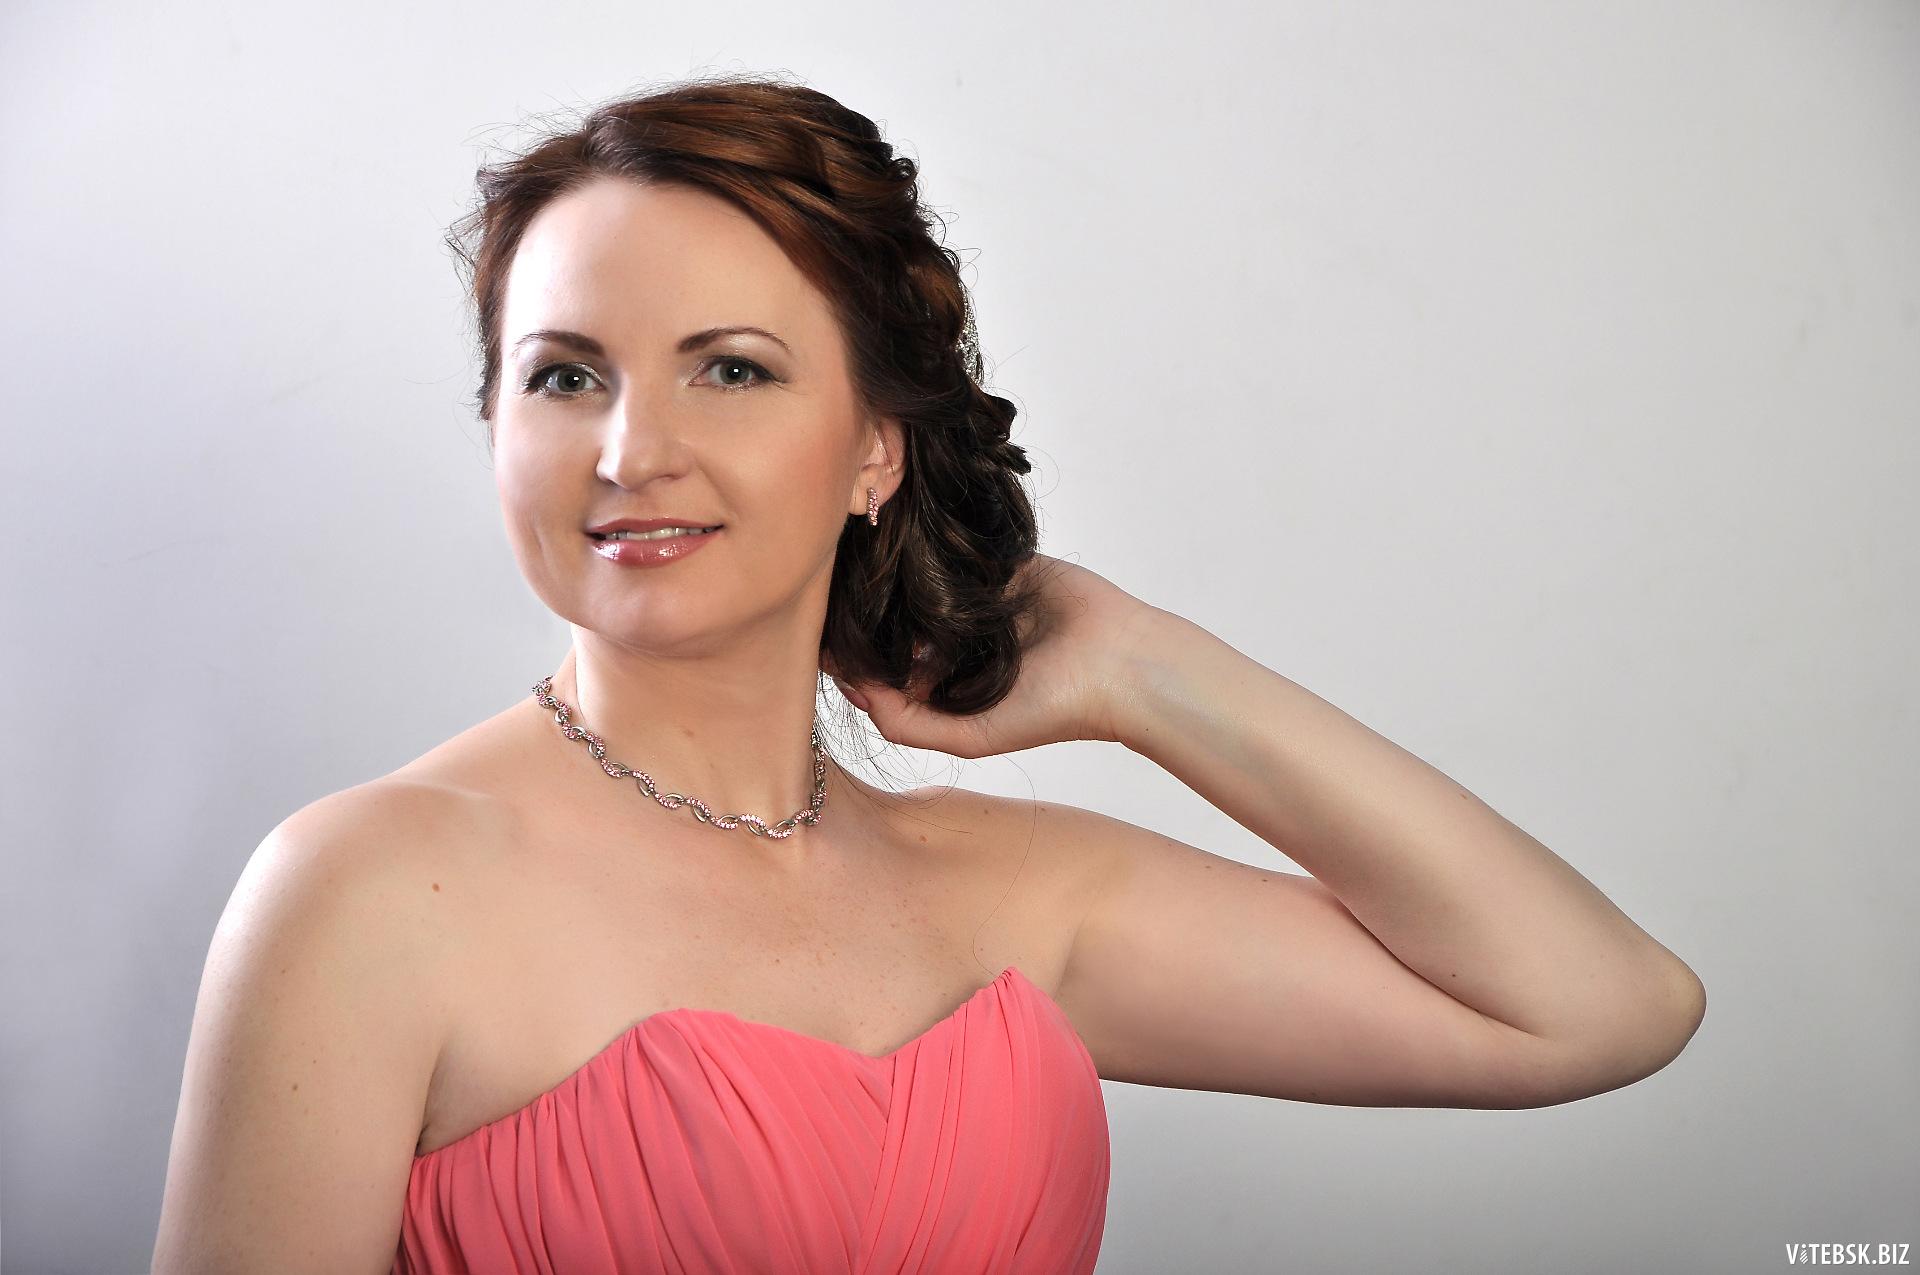 Сучка бердичевская юлька парикмахерша 14 фотография